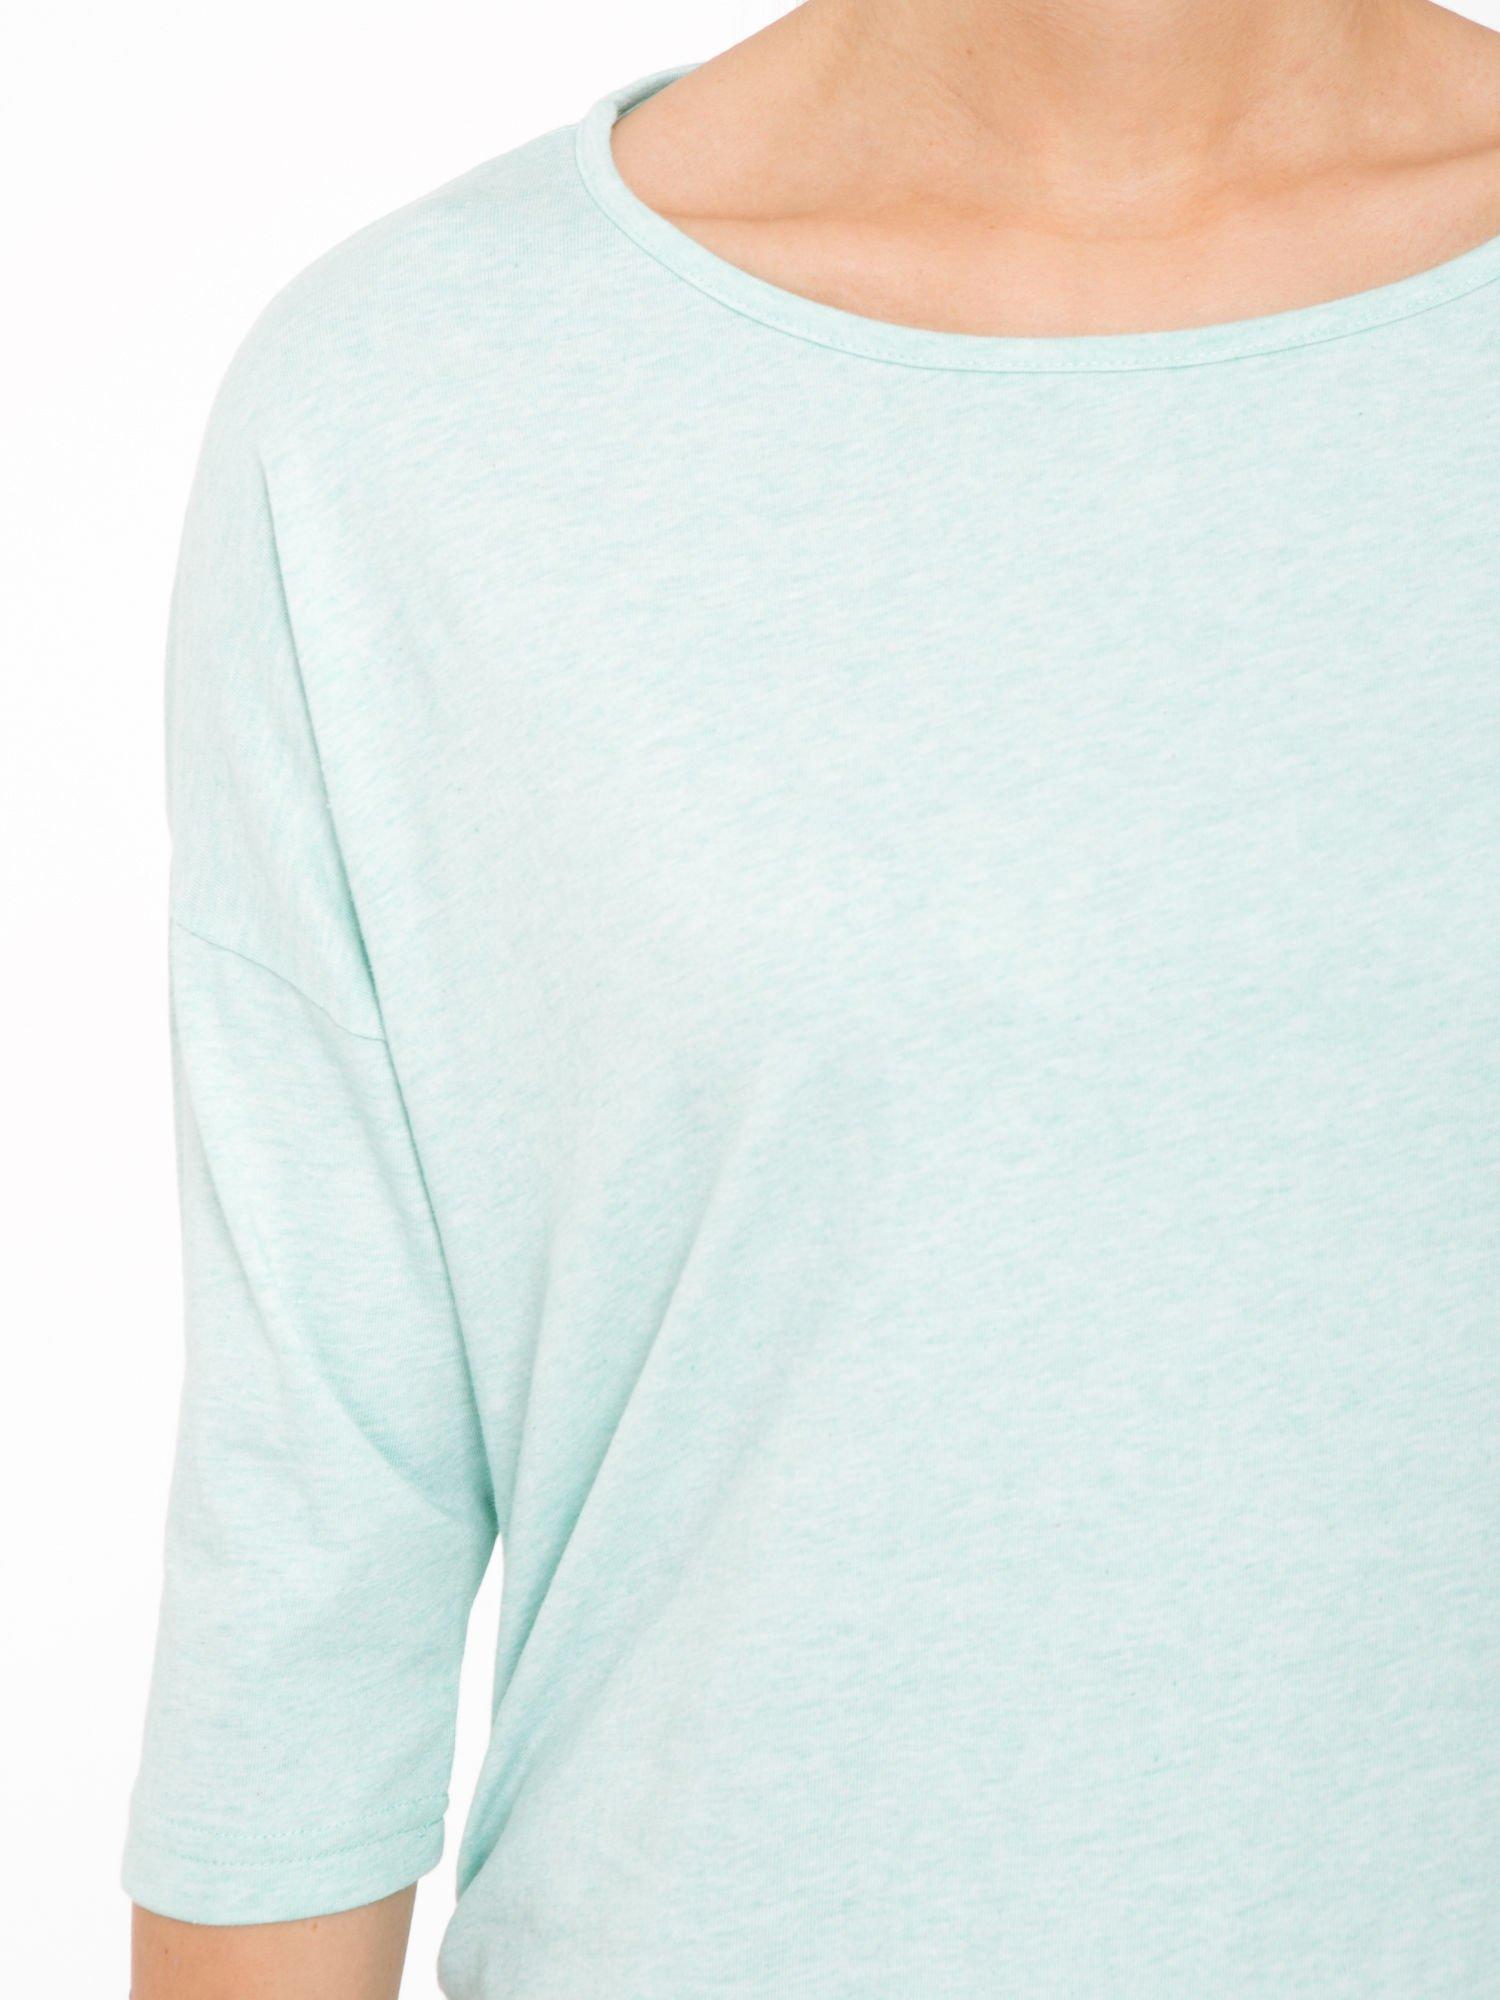 Jasnozielona luźna bluzka z rękawem 3/4                                  zdj.                                  5